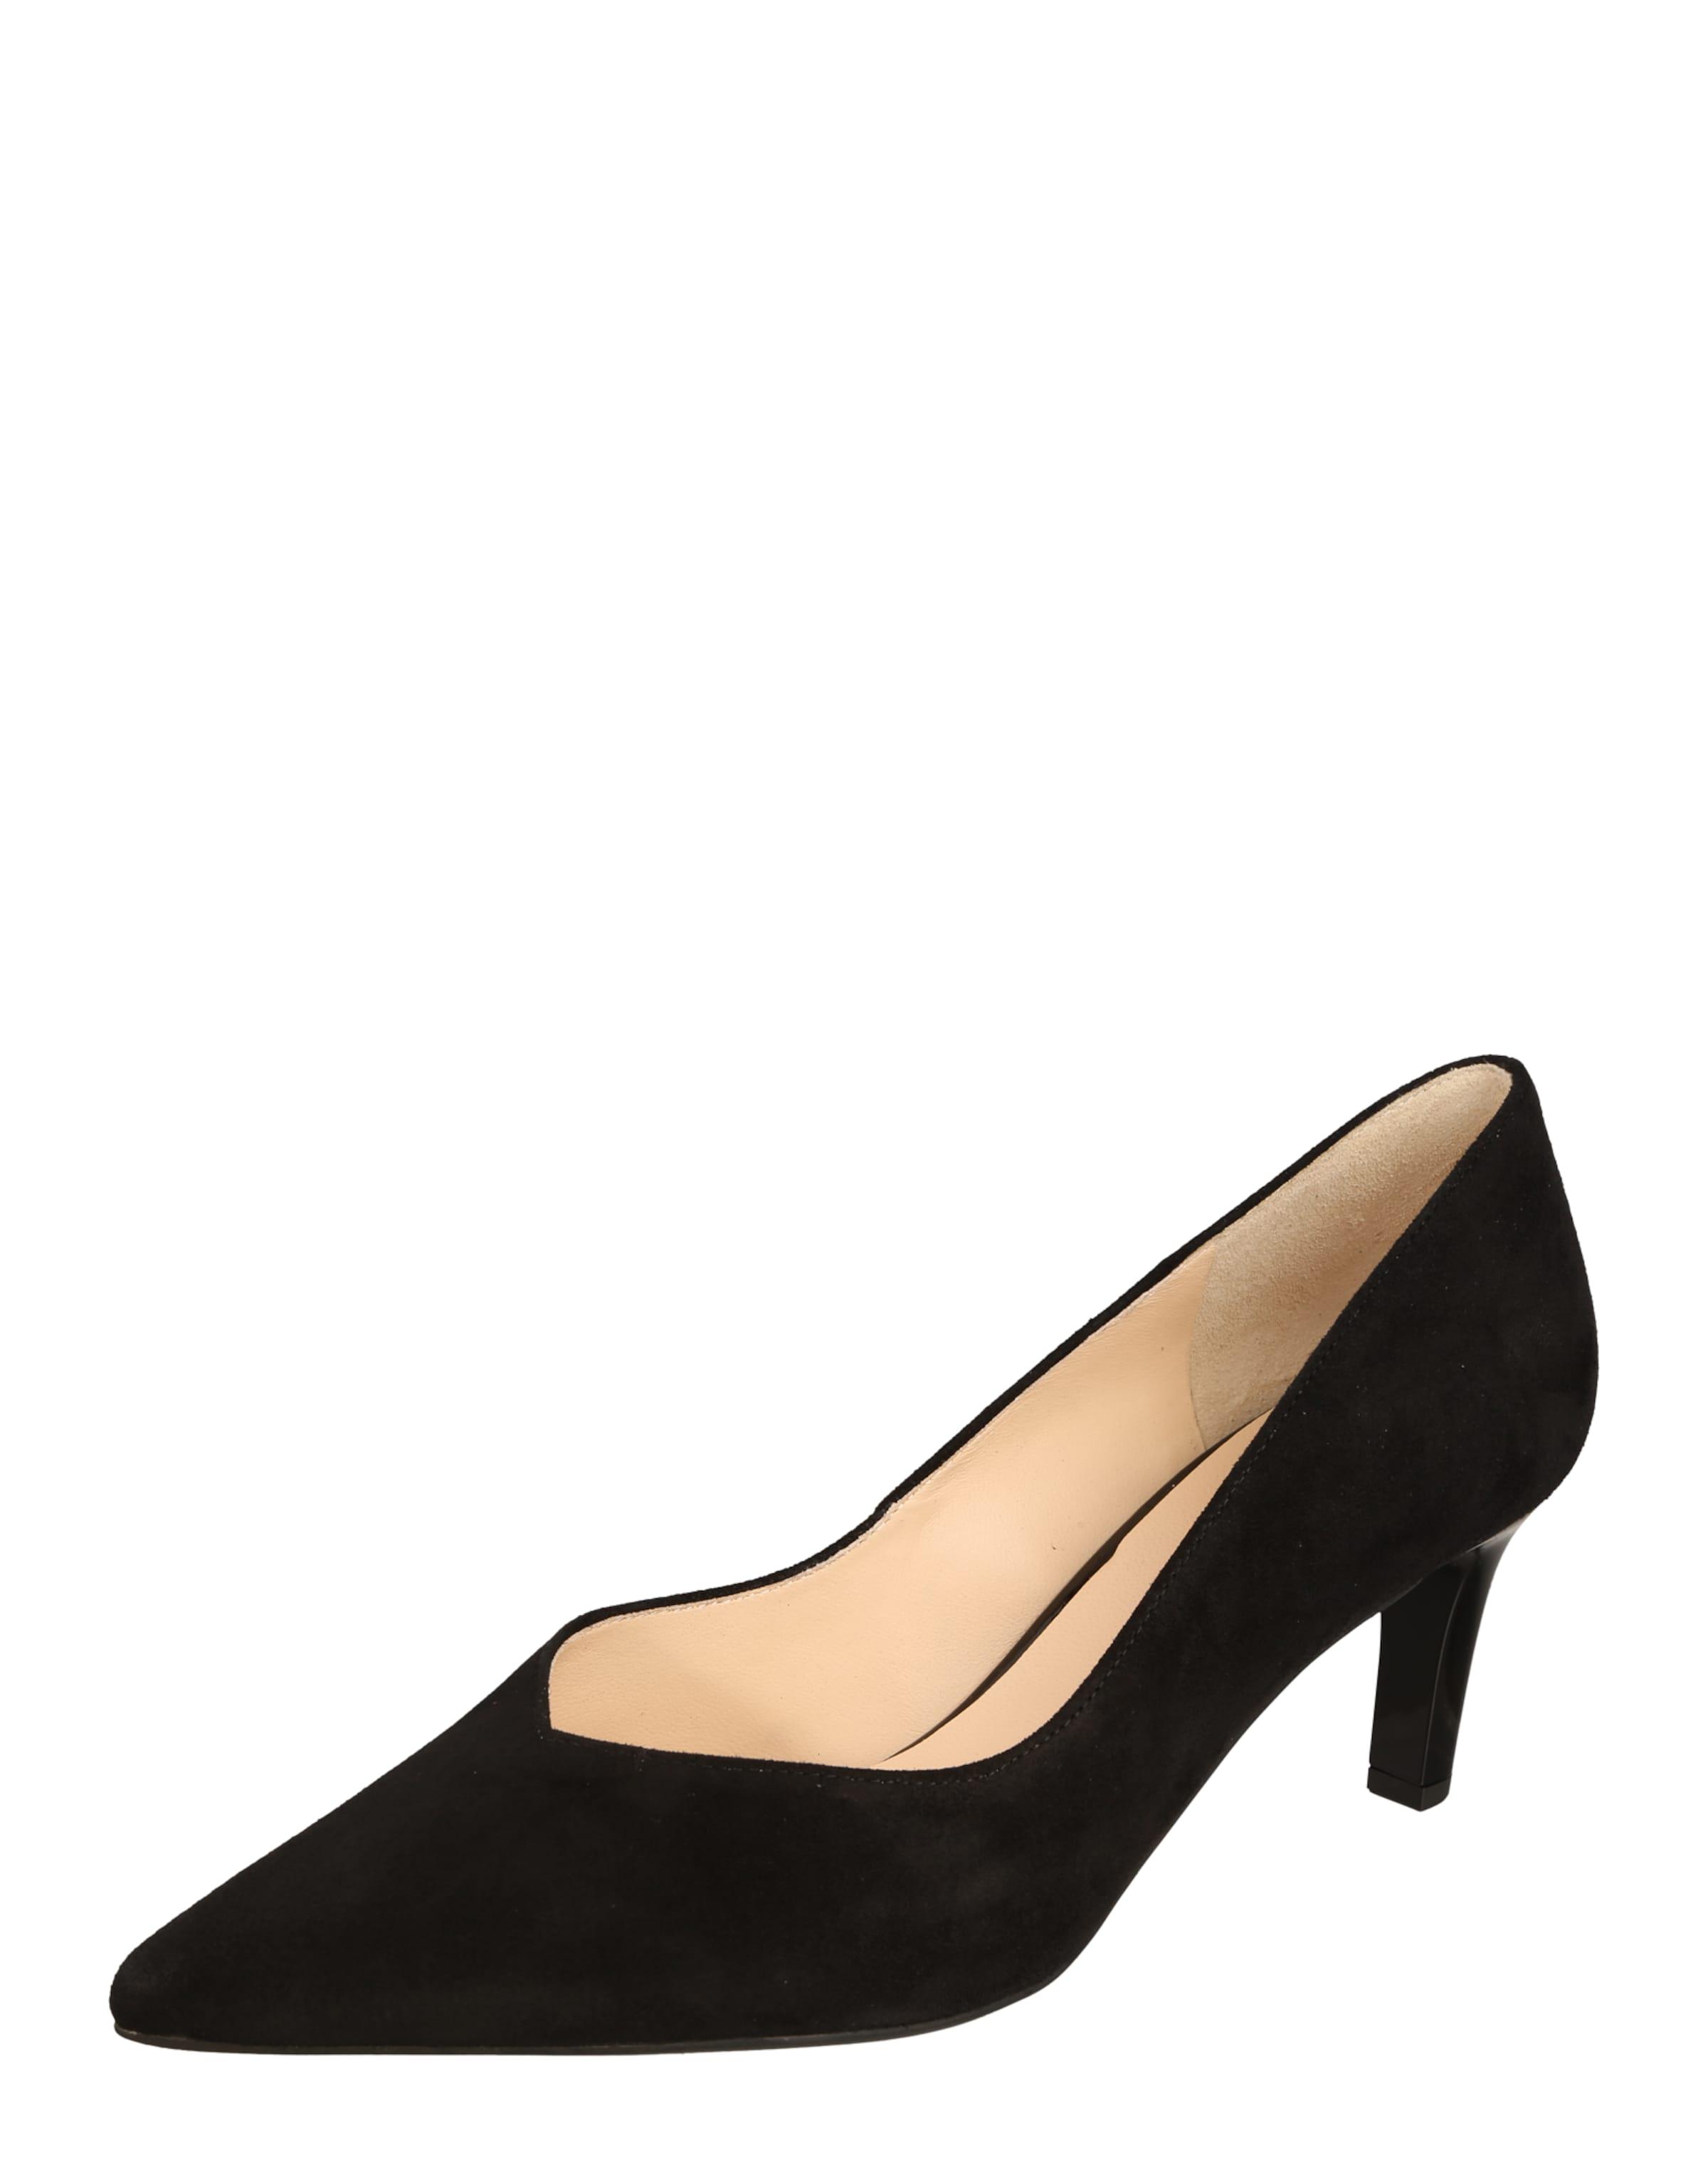 Högl Schlichte Pumps Verschleißfeste billige Schuhe